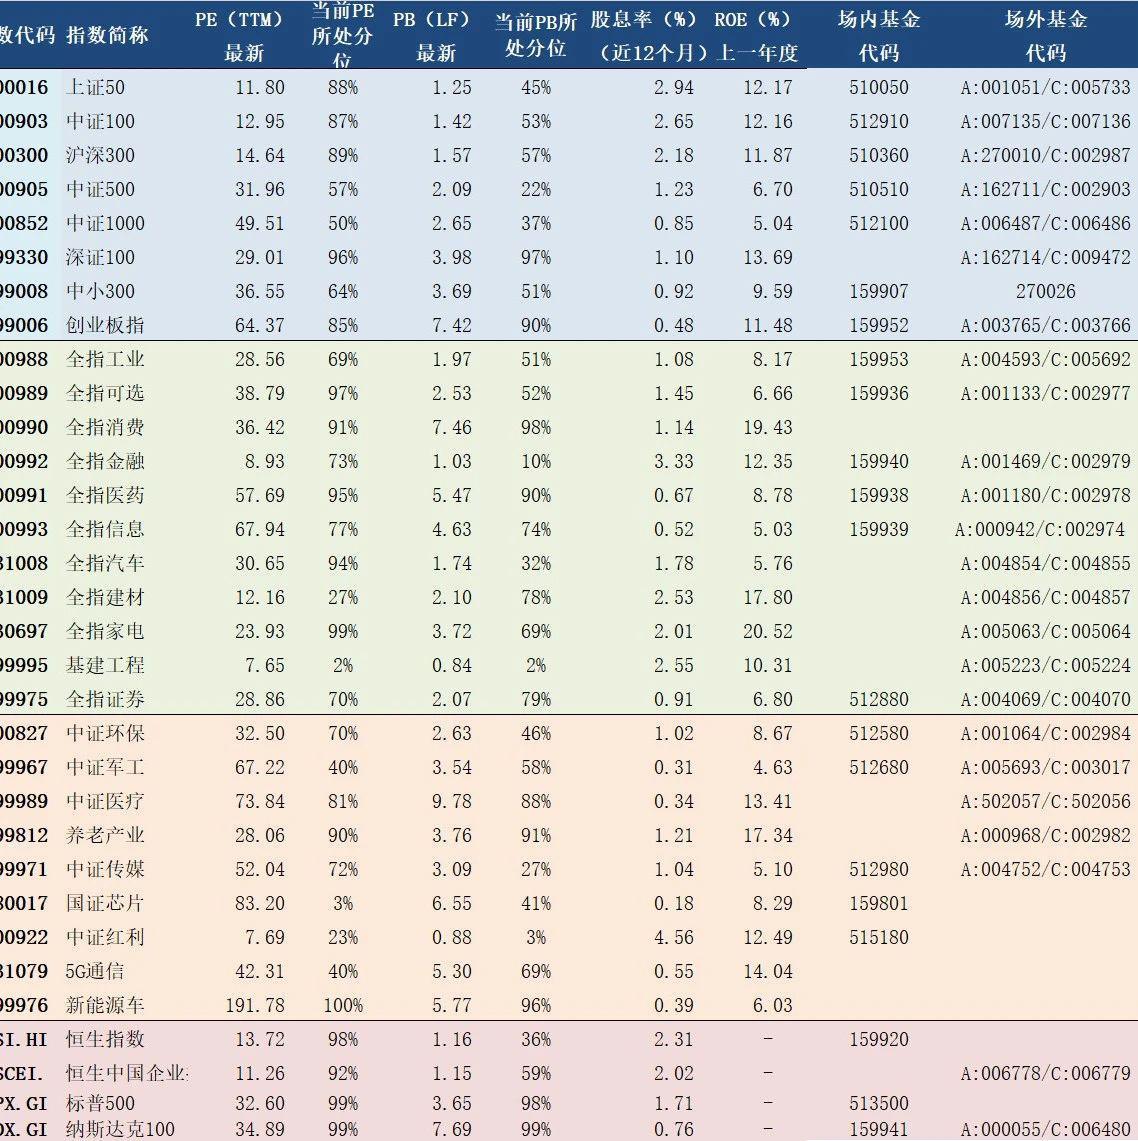 2020年9月30日A股主要指数估值表